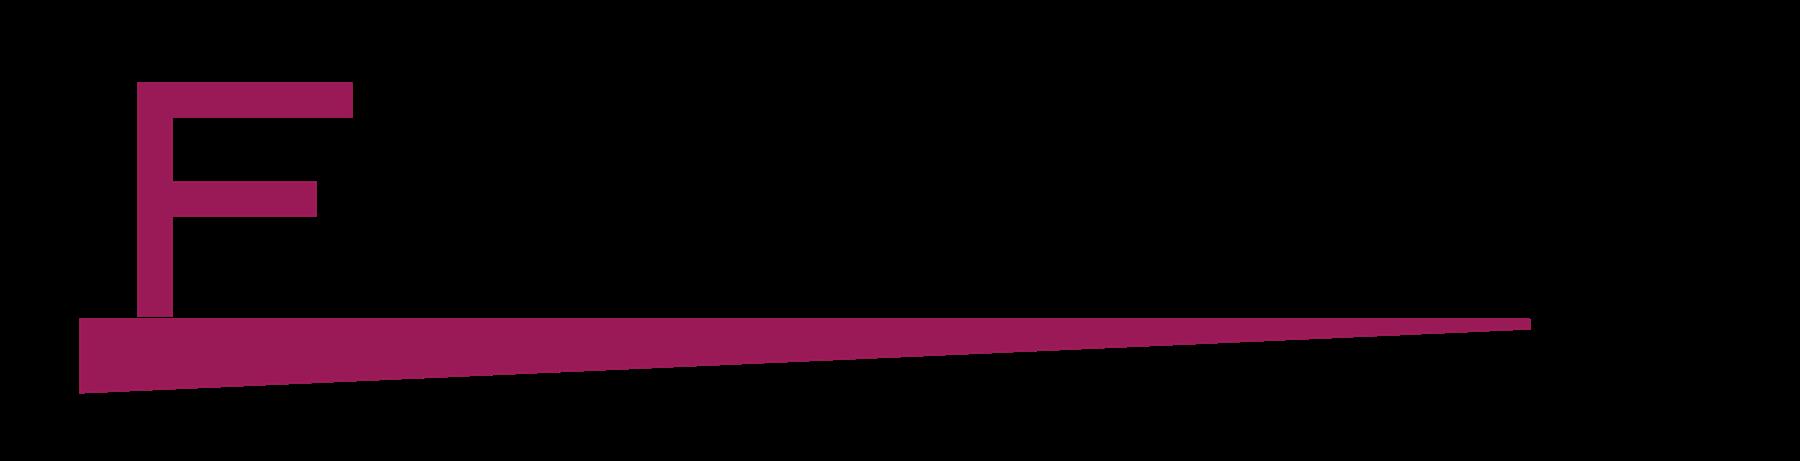 Fainoşag logo